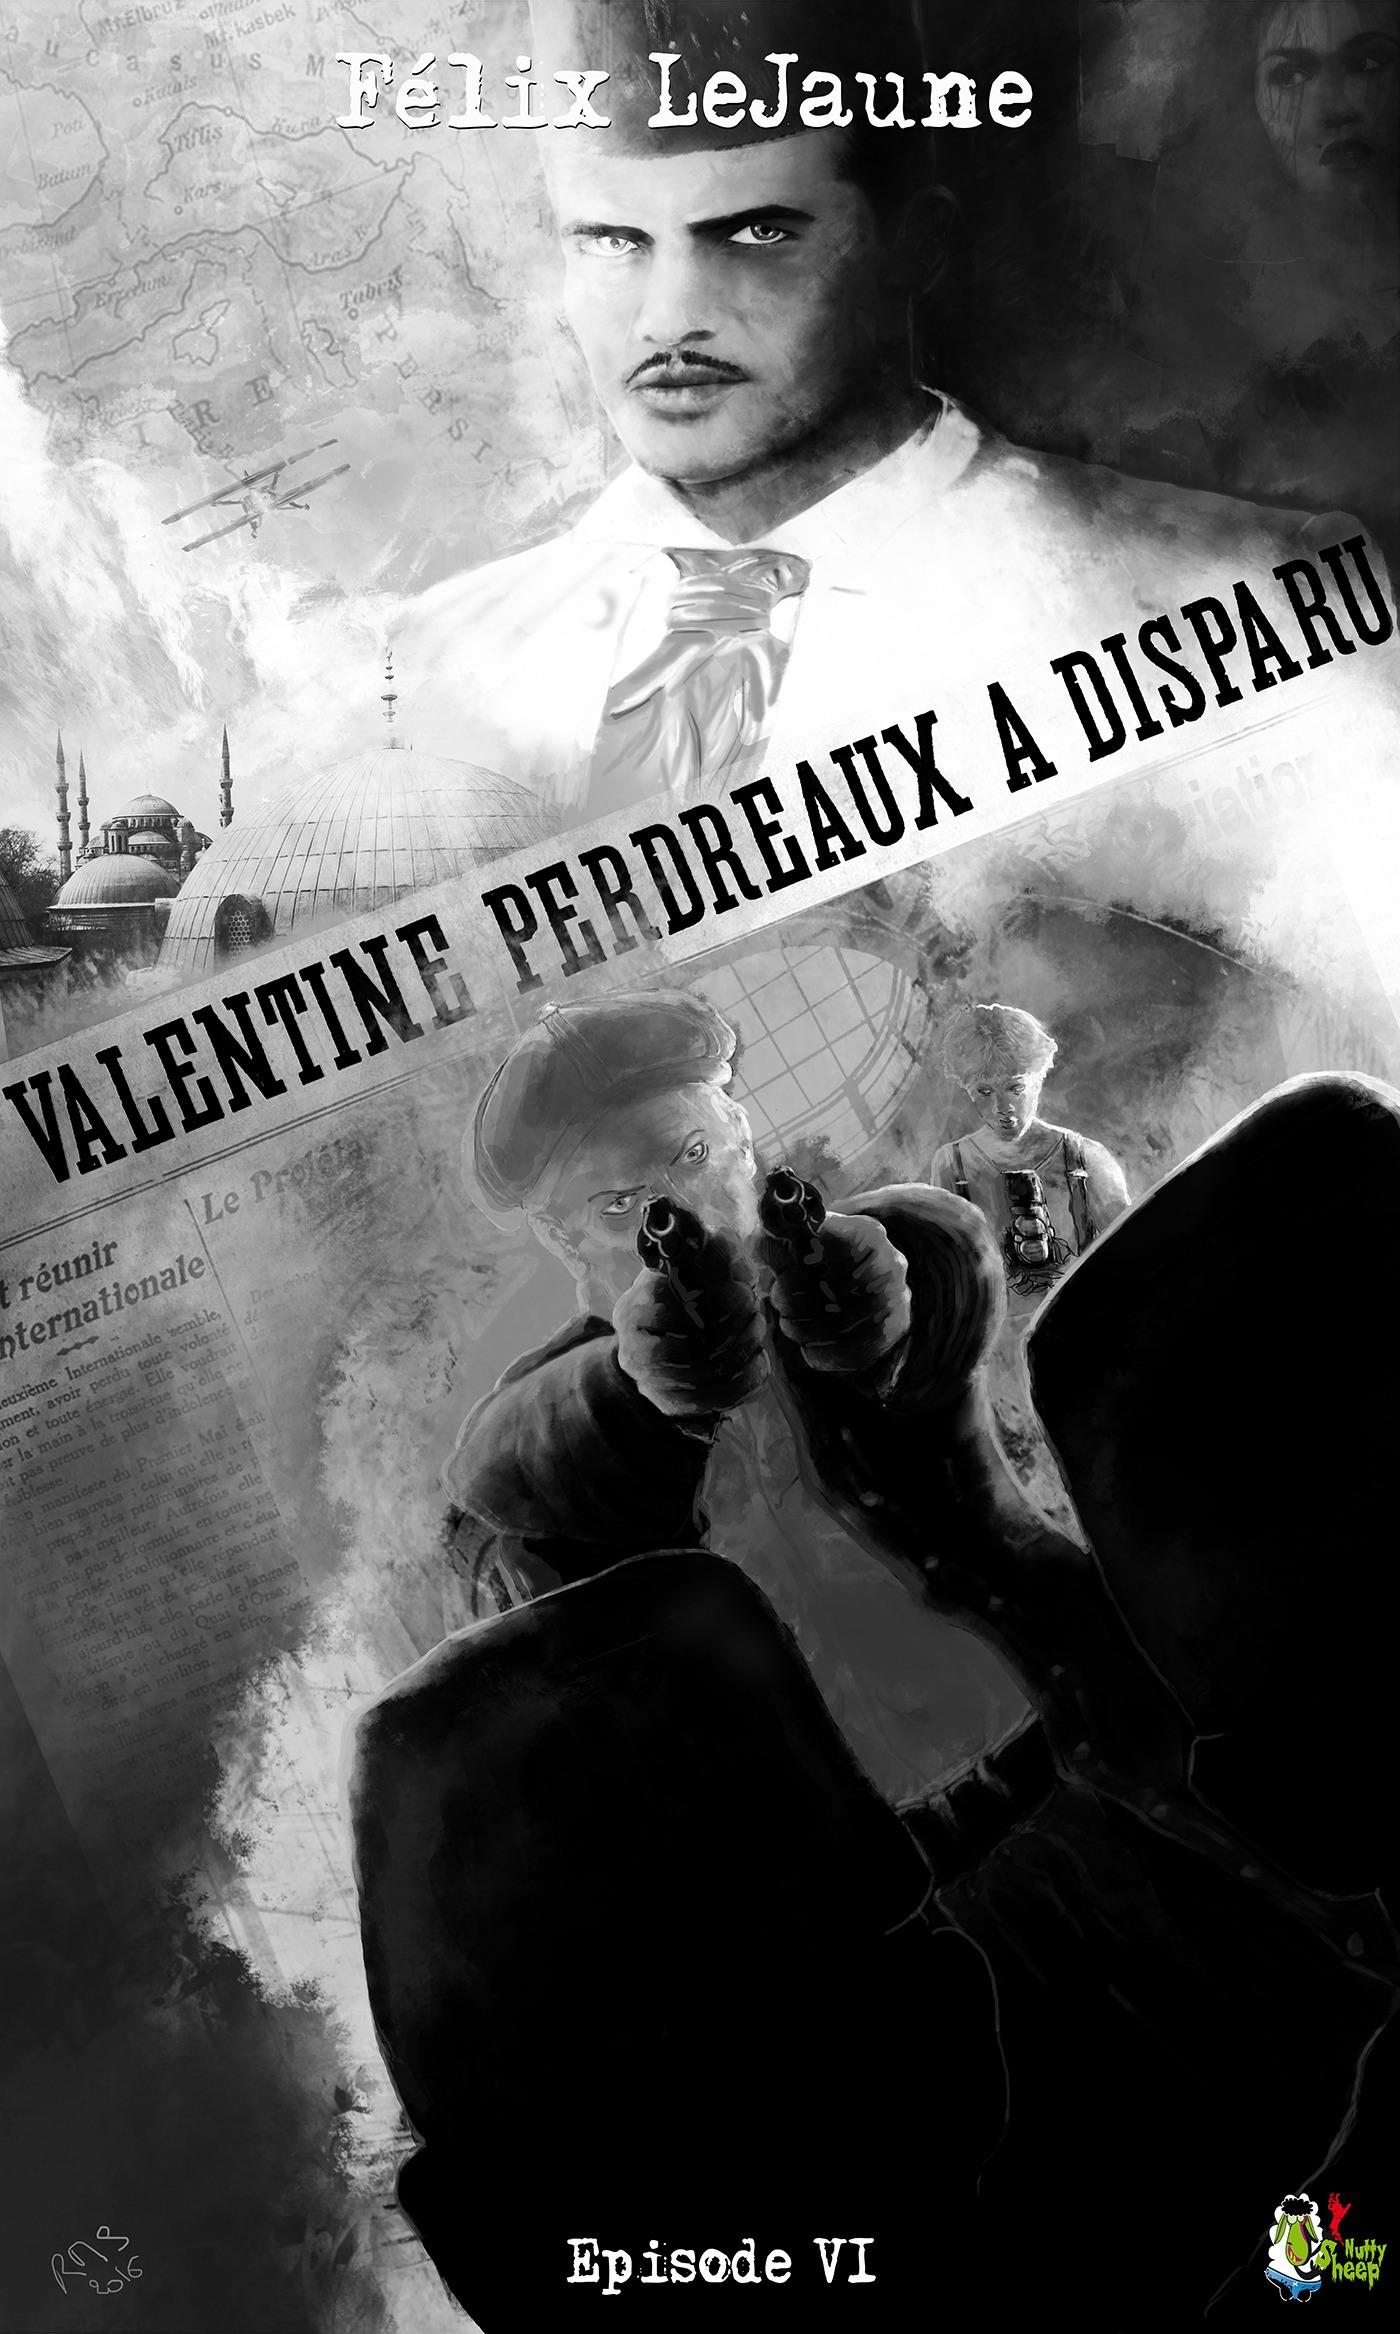 Valentine Perdreaux a disparu, Épisode 6